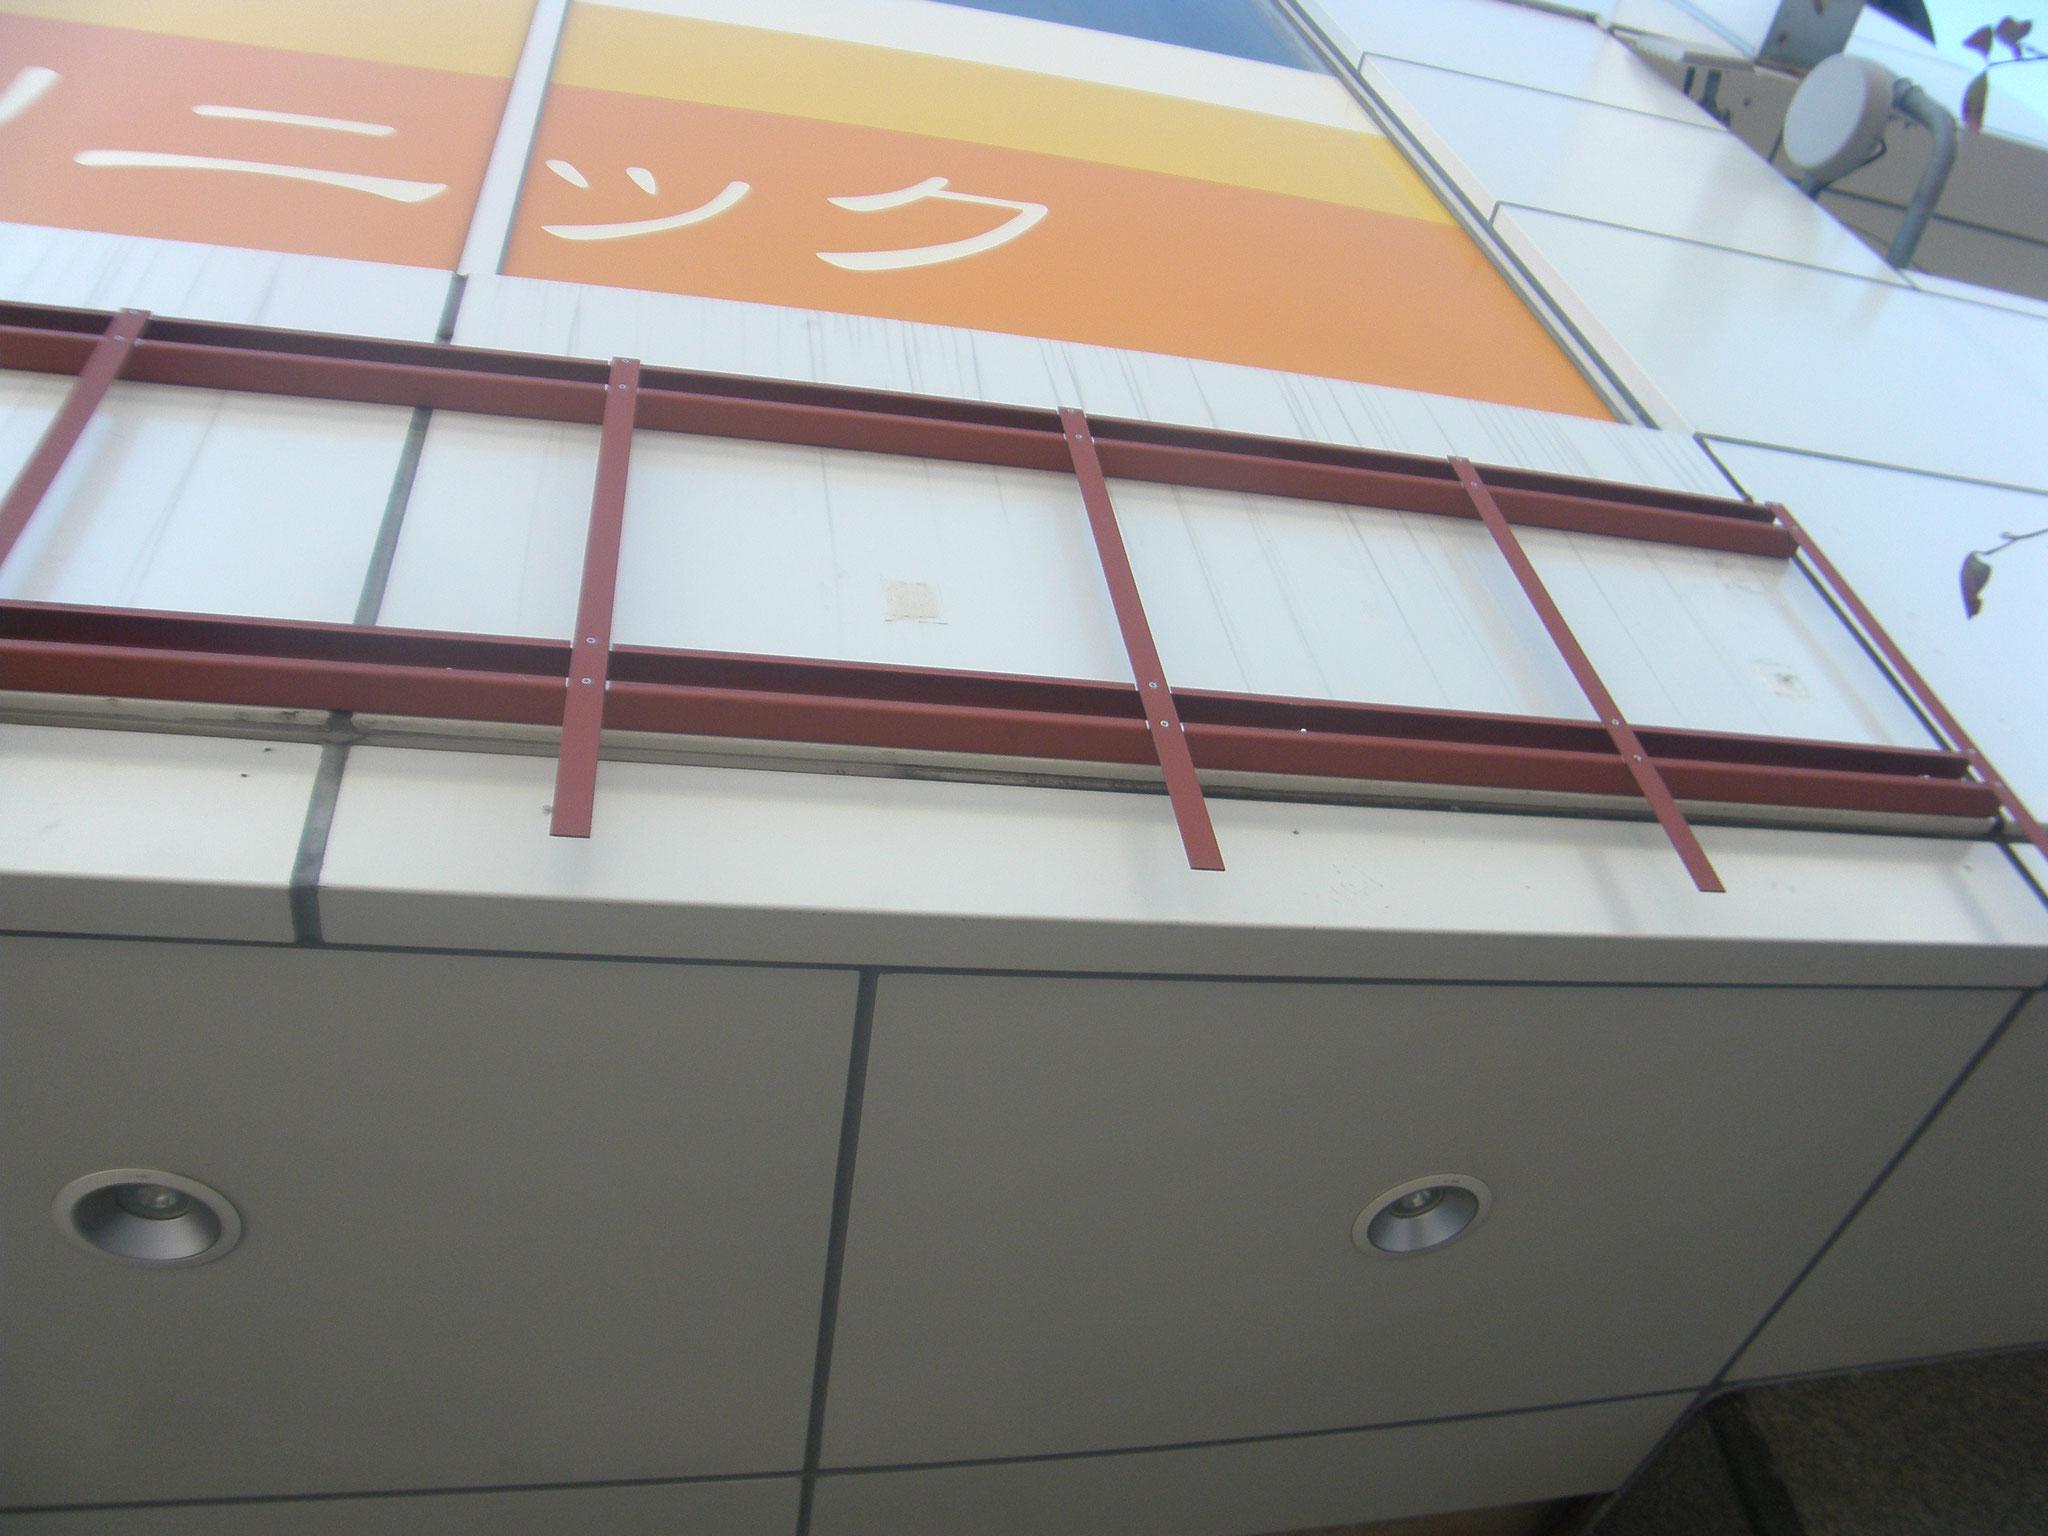 コンビニ壁付看板鉄骨の工程写真